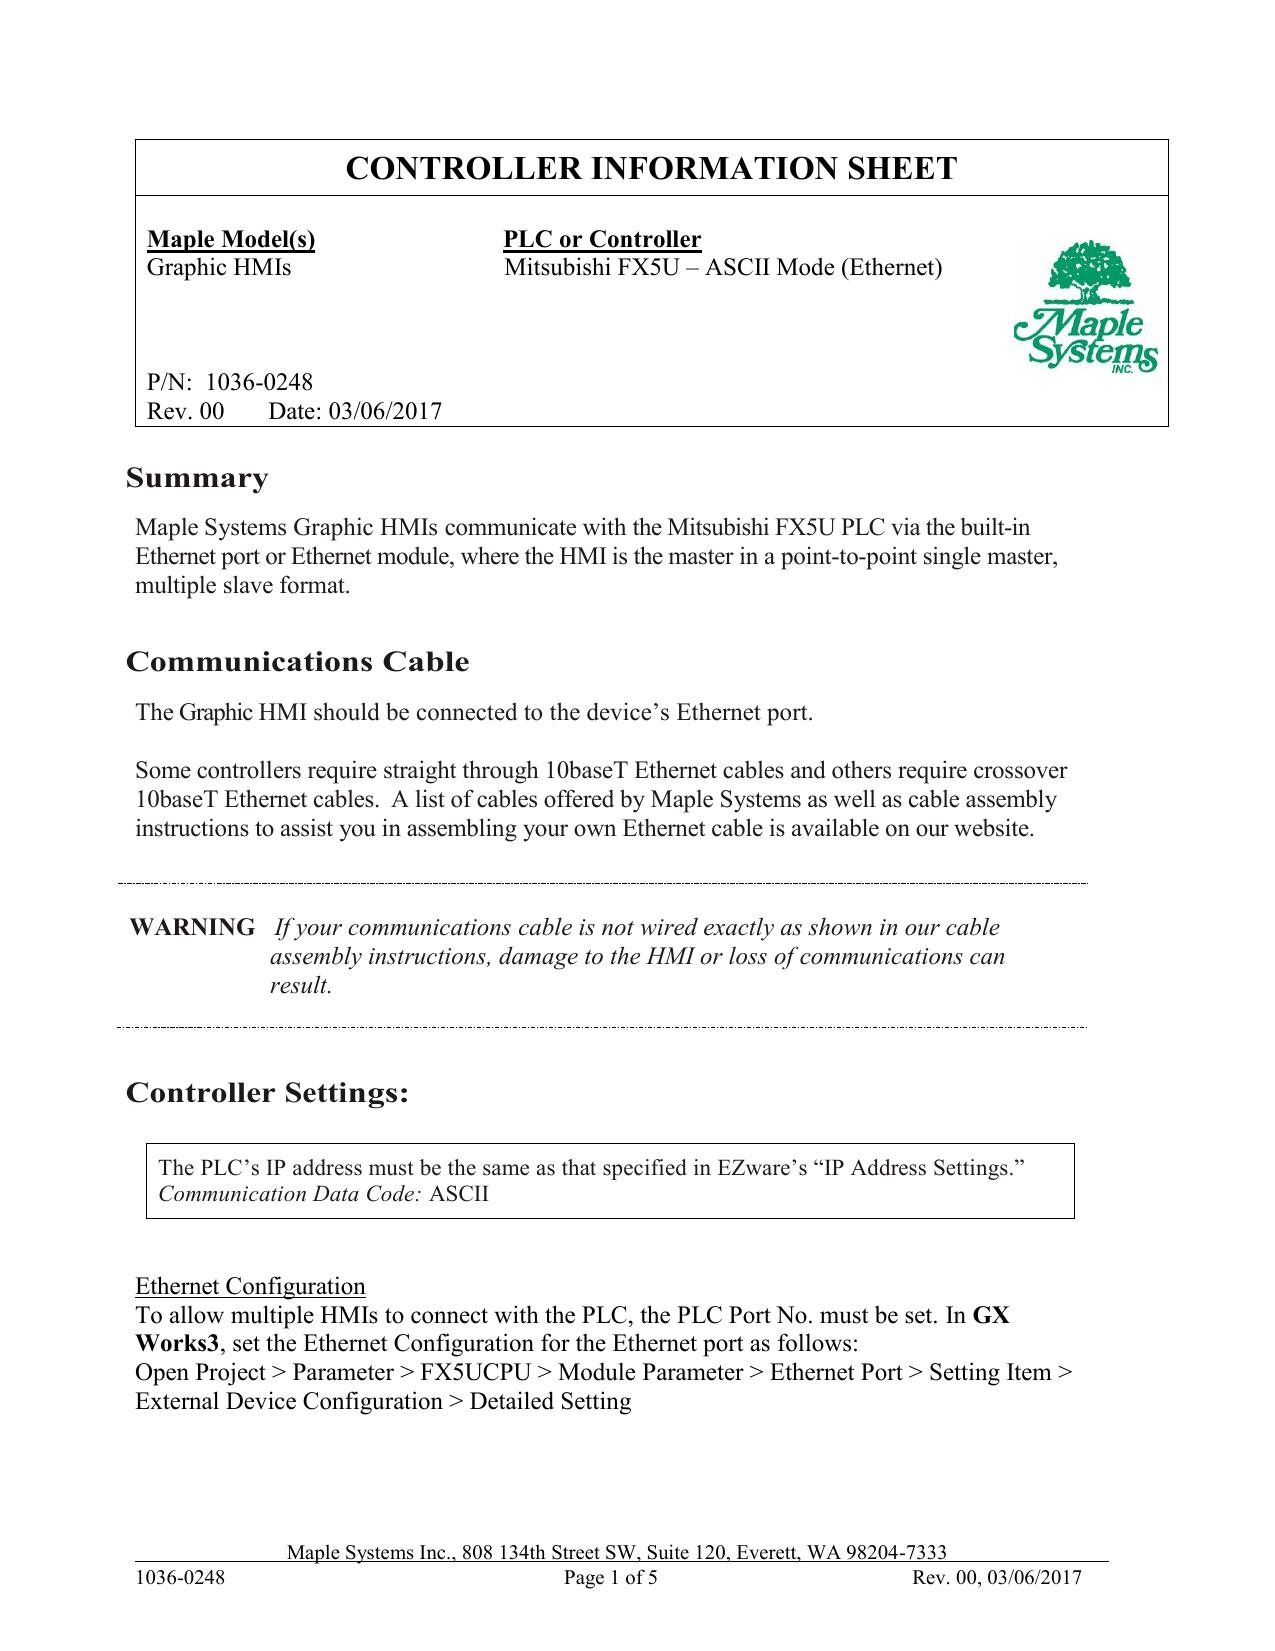 MAPLE SYSTEMS, INC  | manualzz com